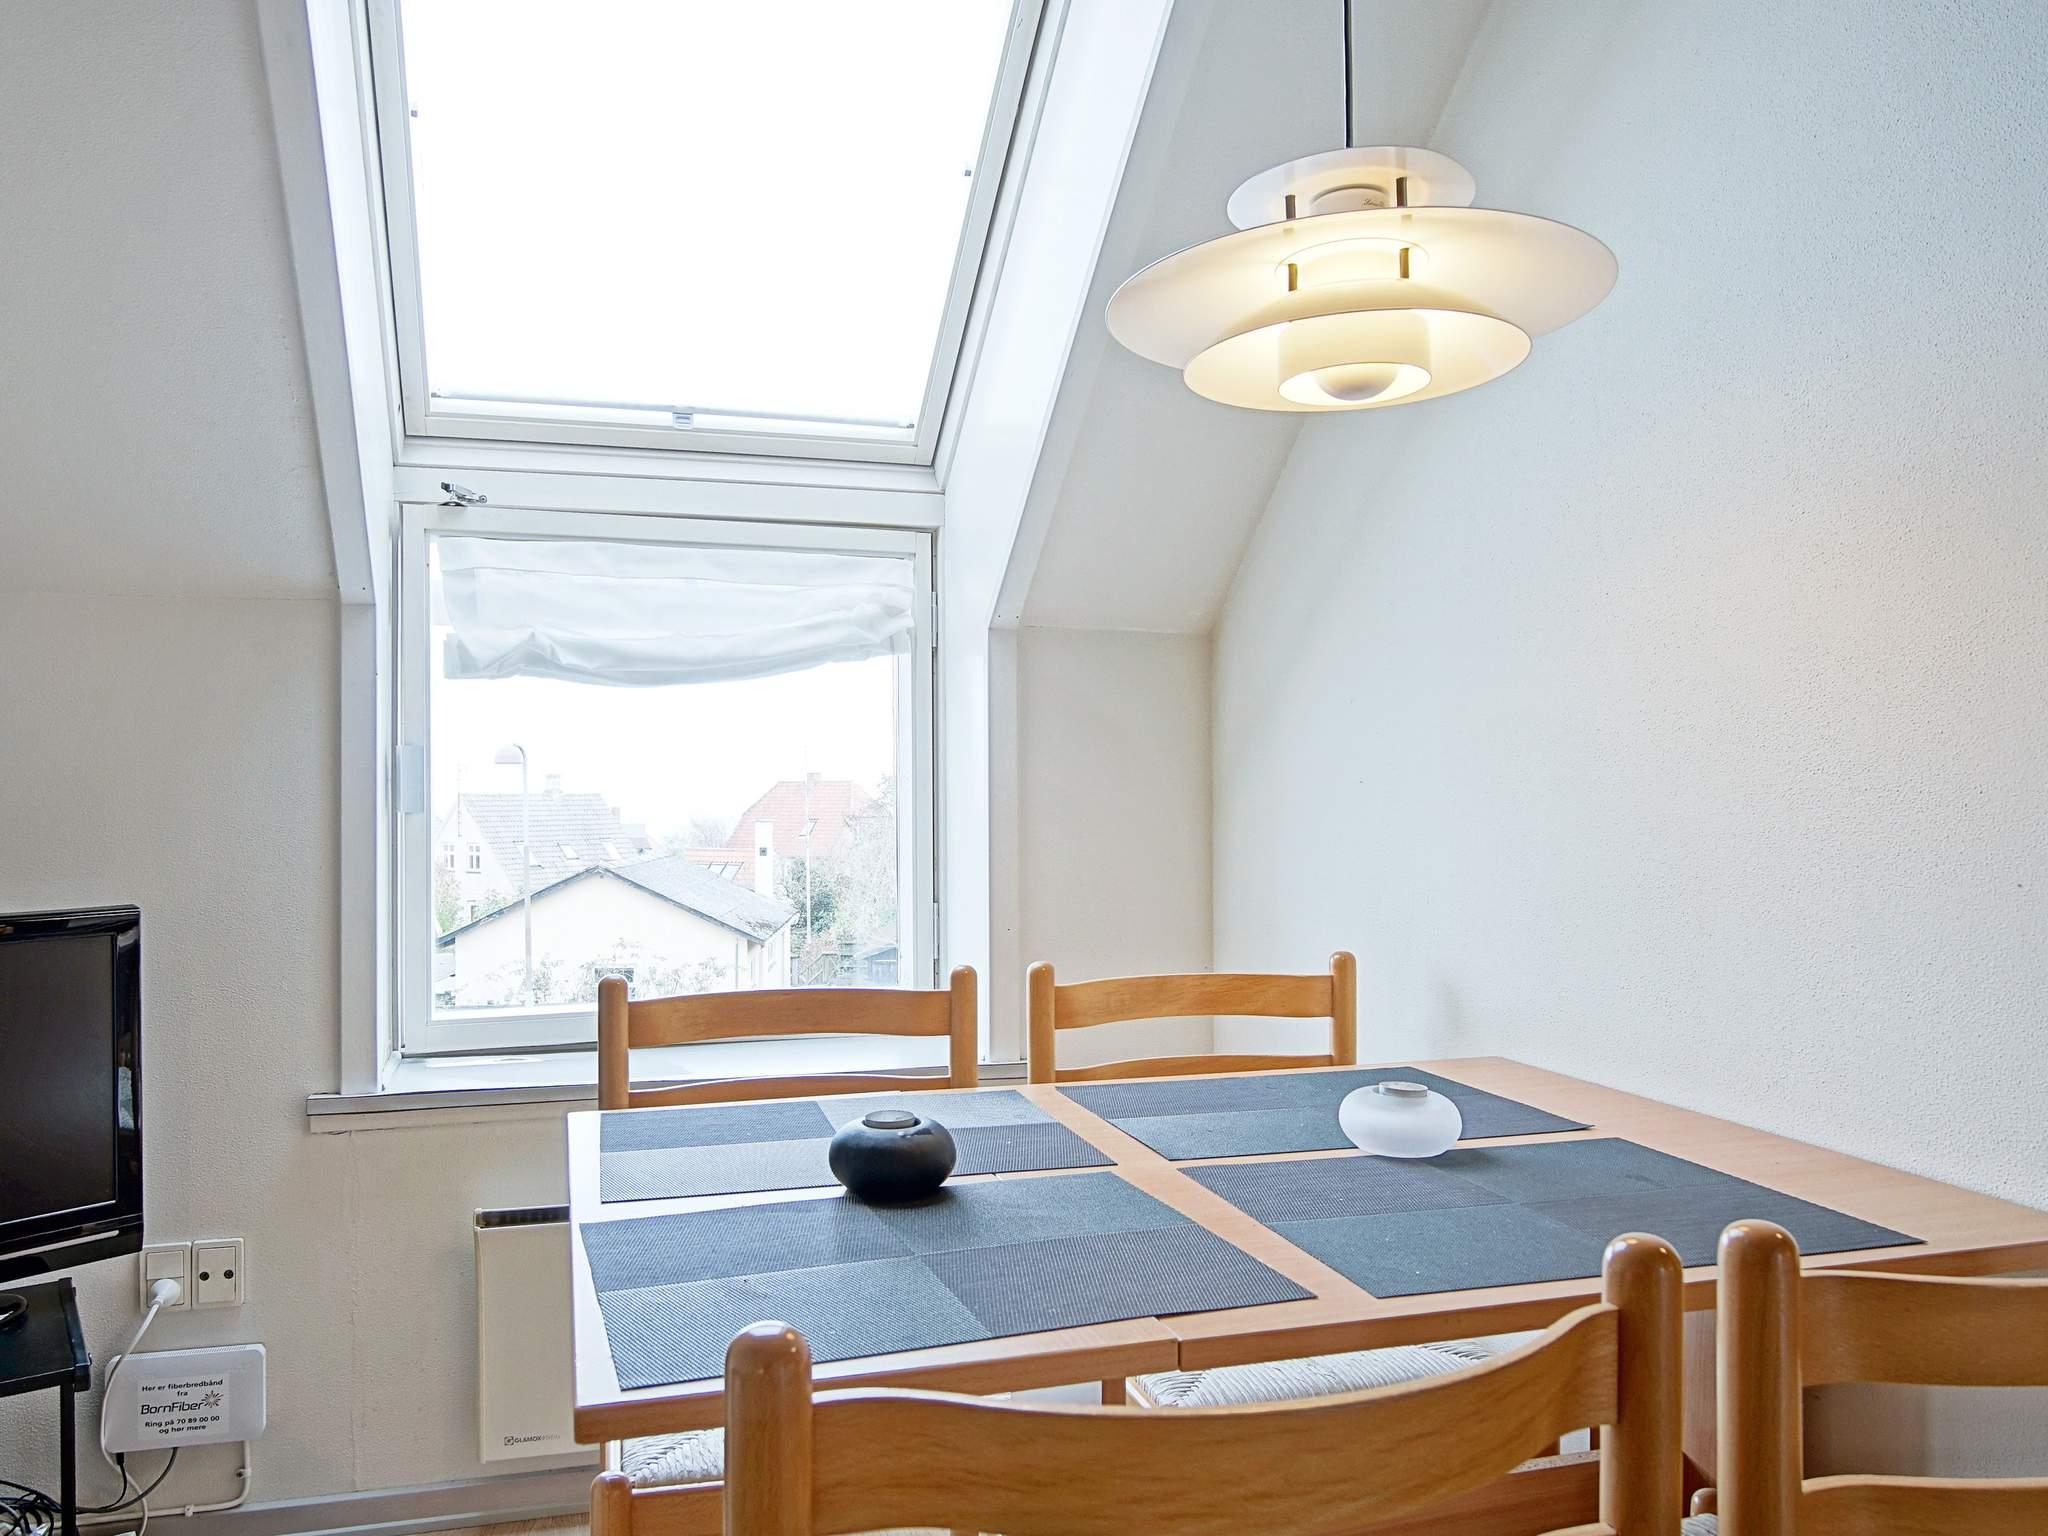 Ferienhaus Gudhjem (385016), Gudhjem, , Bornholm, Dänemark, Bild 7